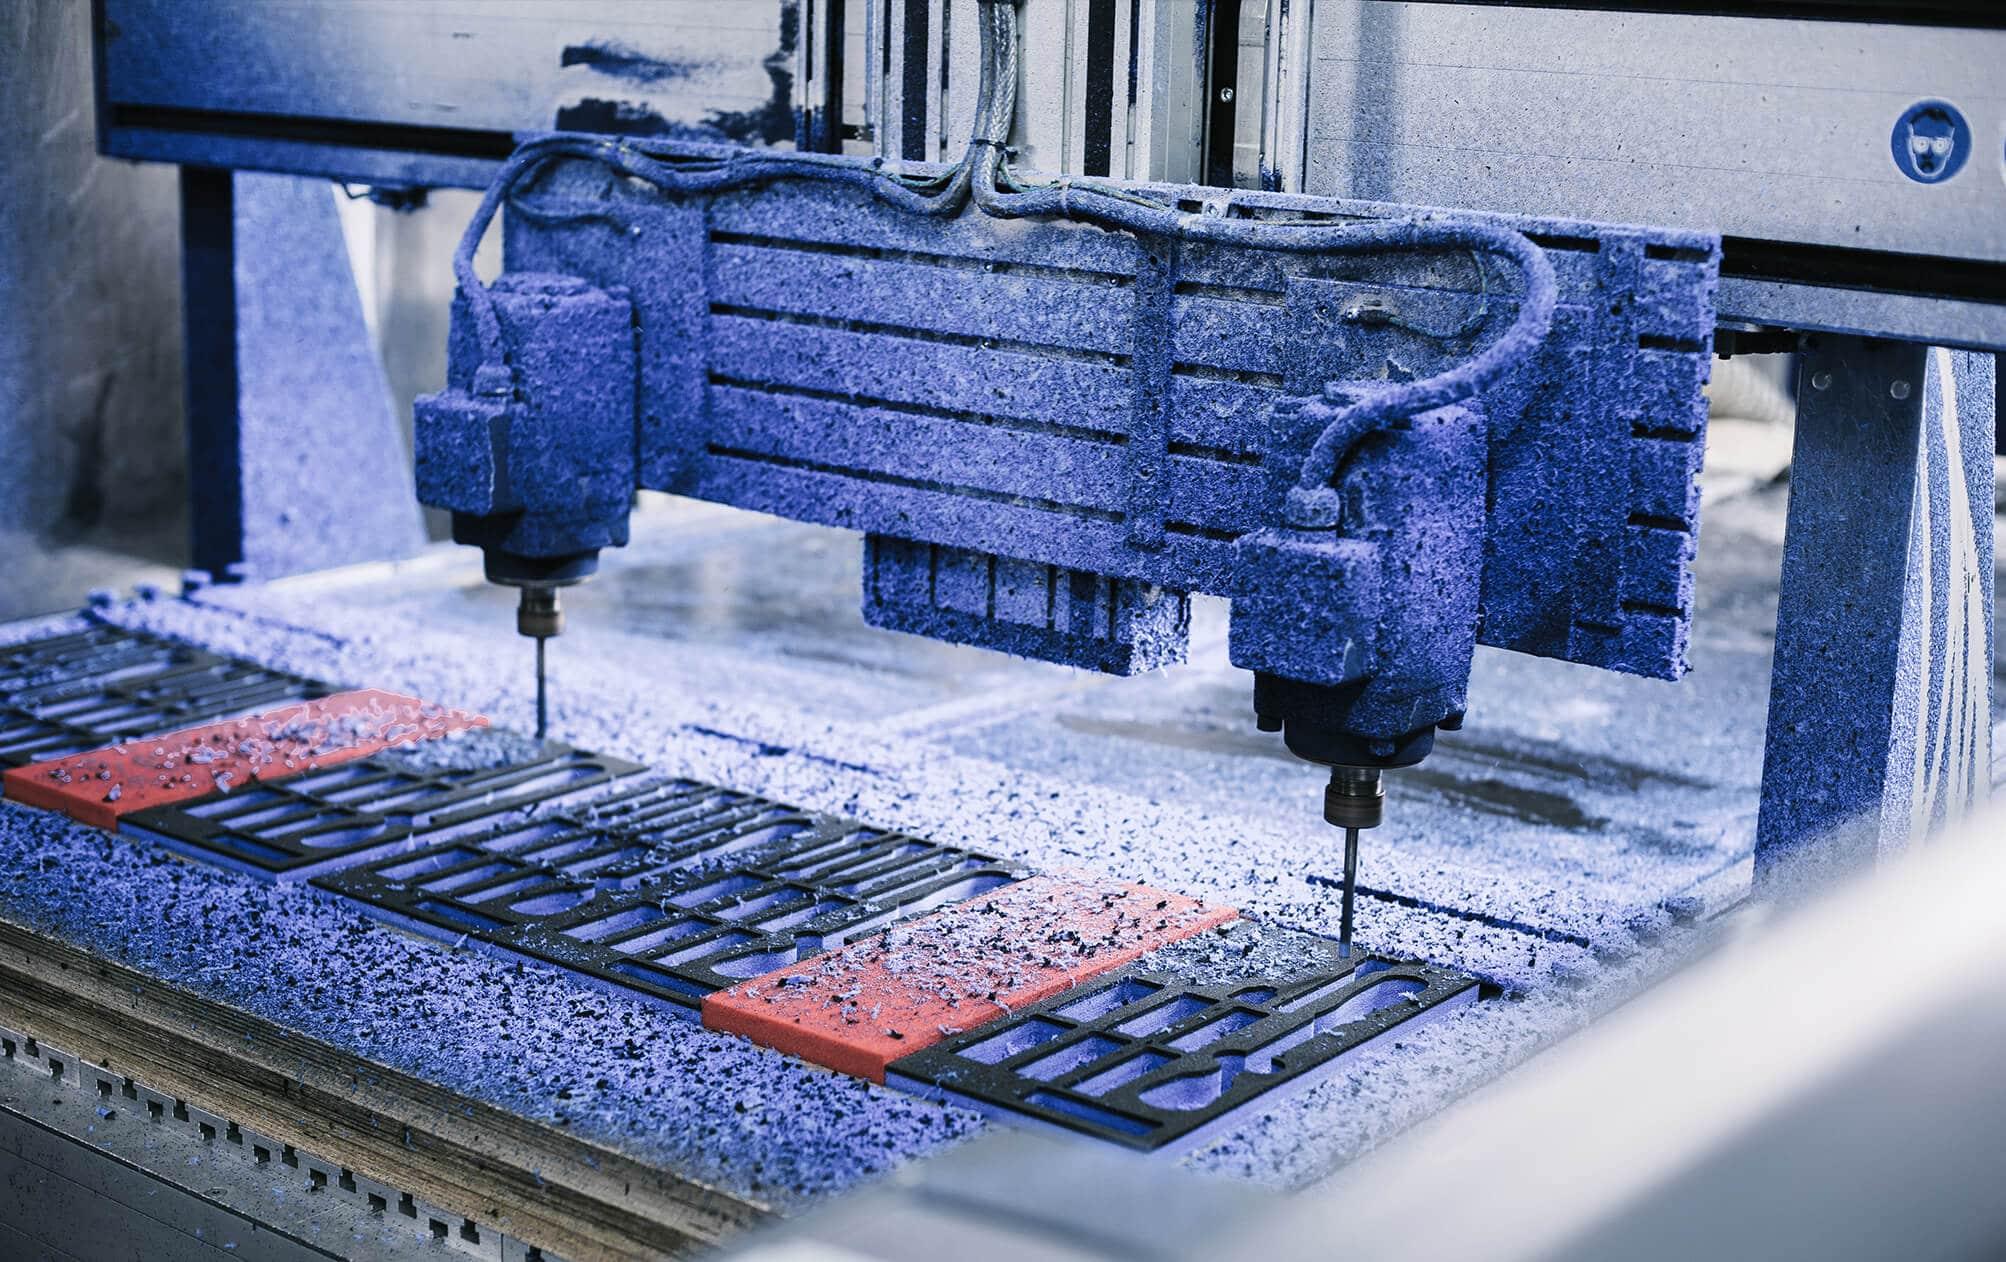 360vier_referenz_wetropa_13-2x Wetropa Kunststoffverarbeitung GmbH & Co. KG